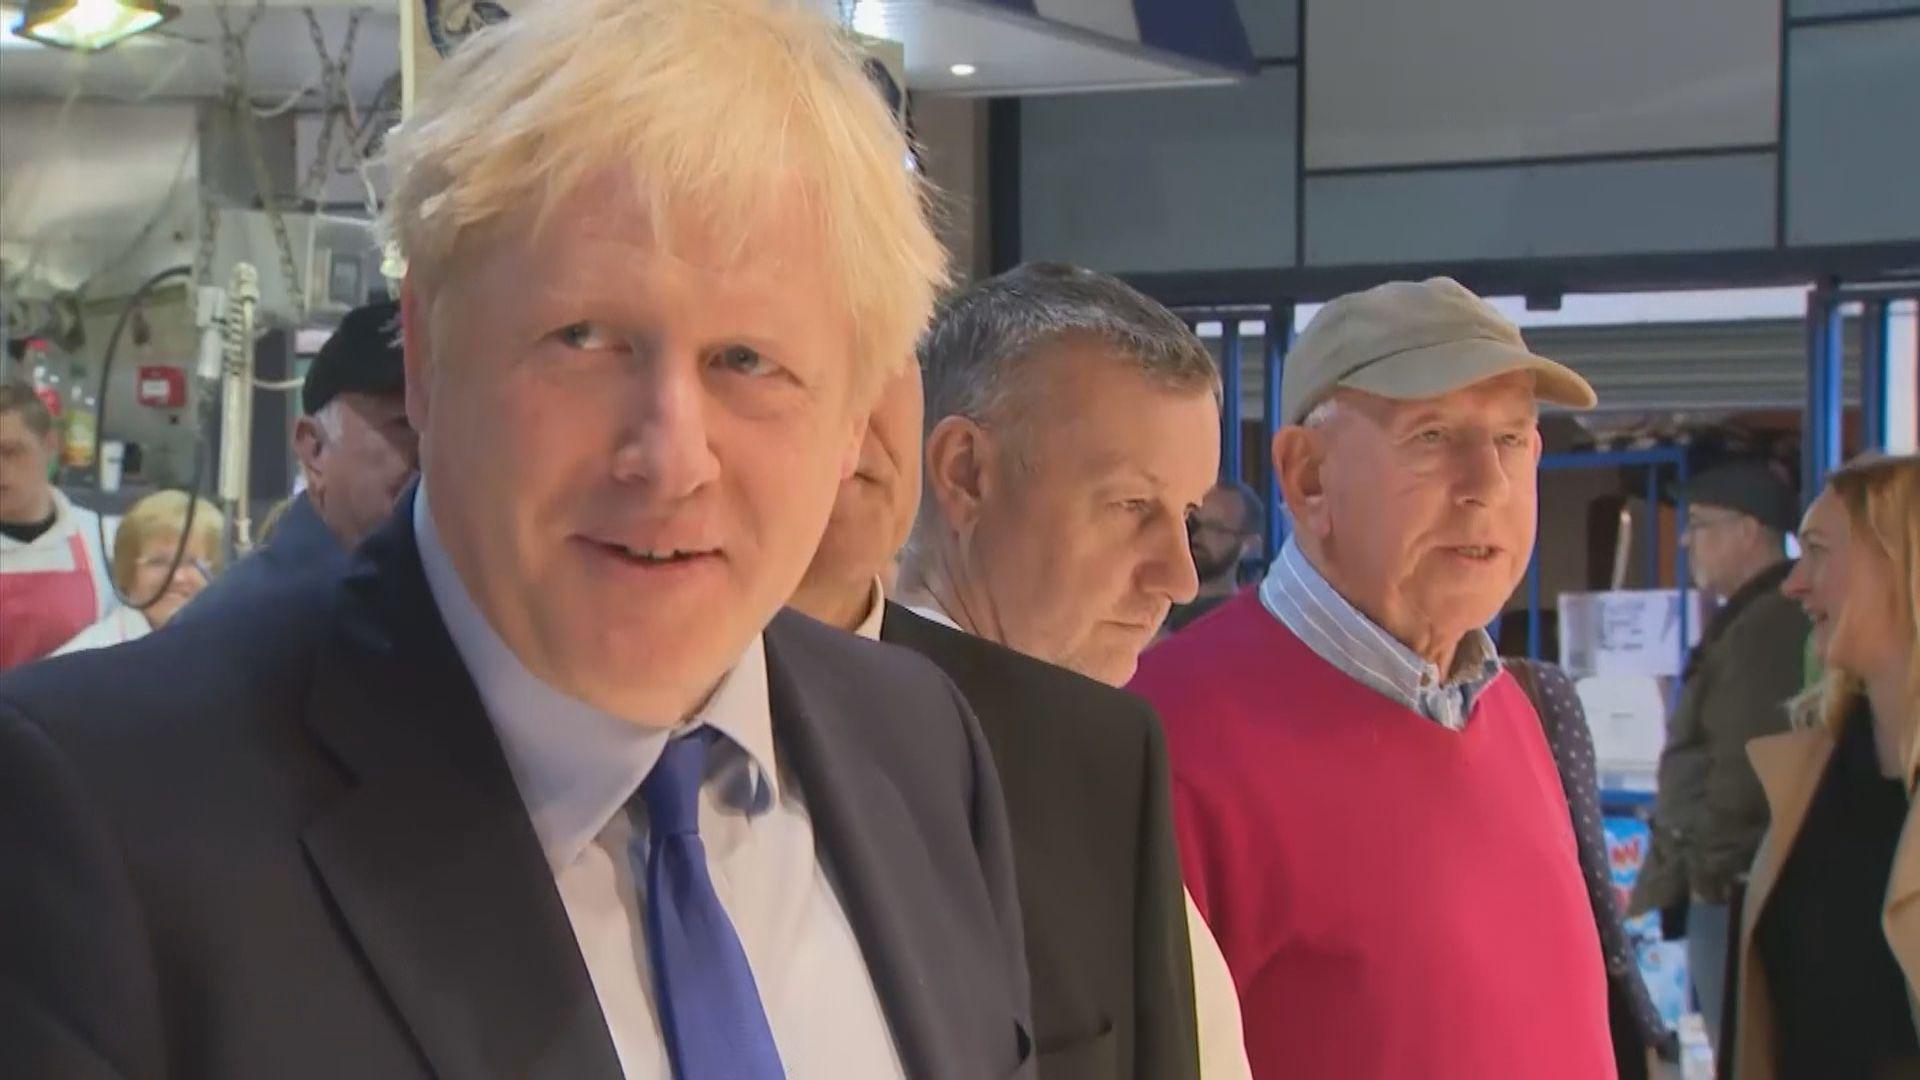 約翰遜稱英國會像「變形俠醫」如期脫歐